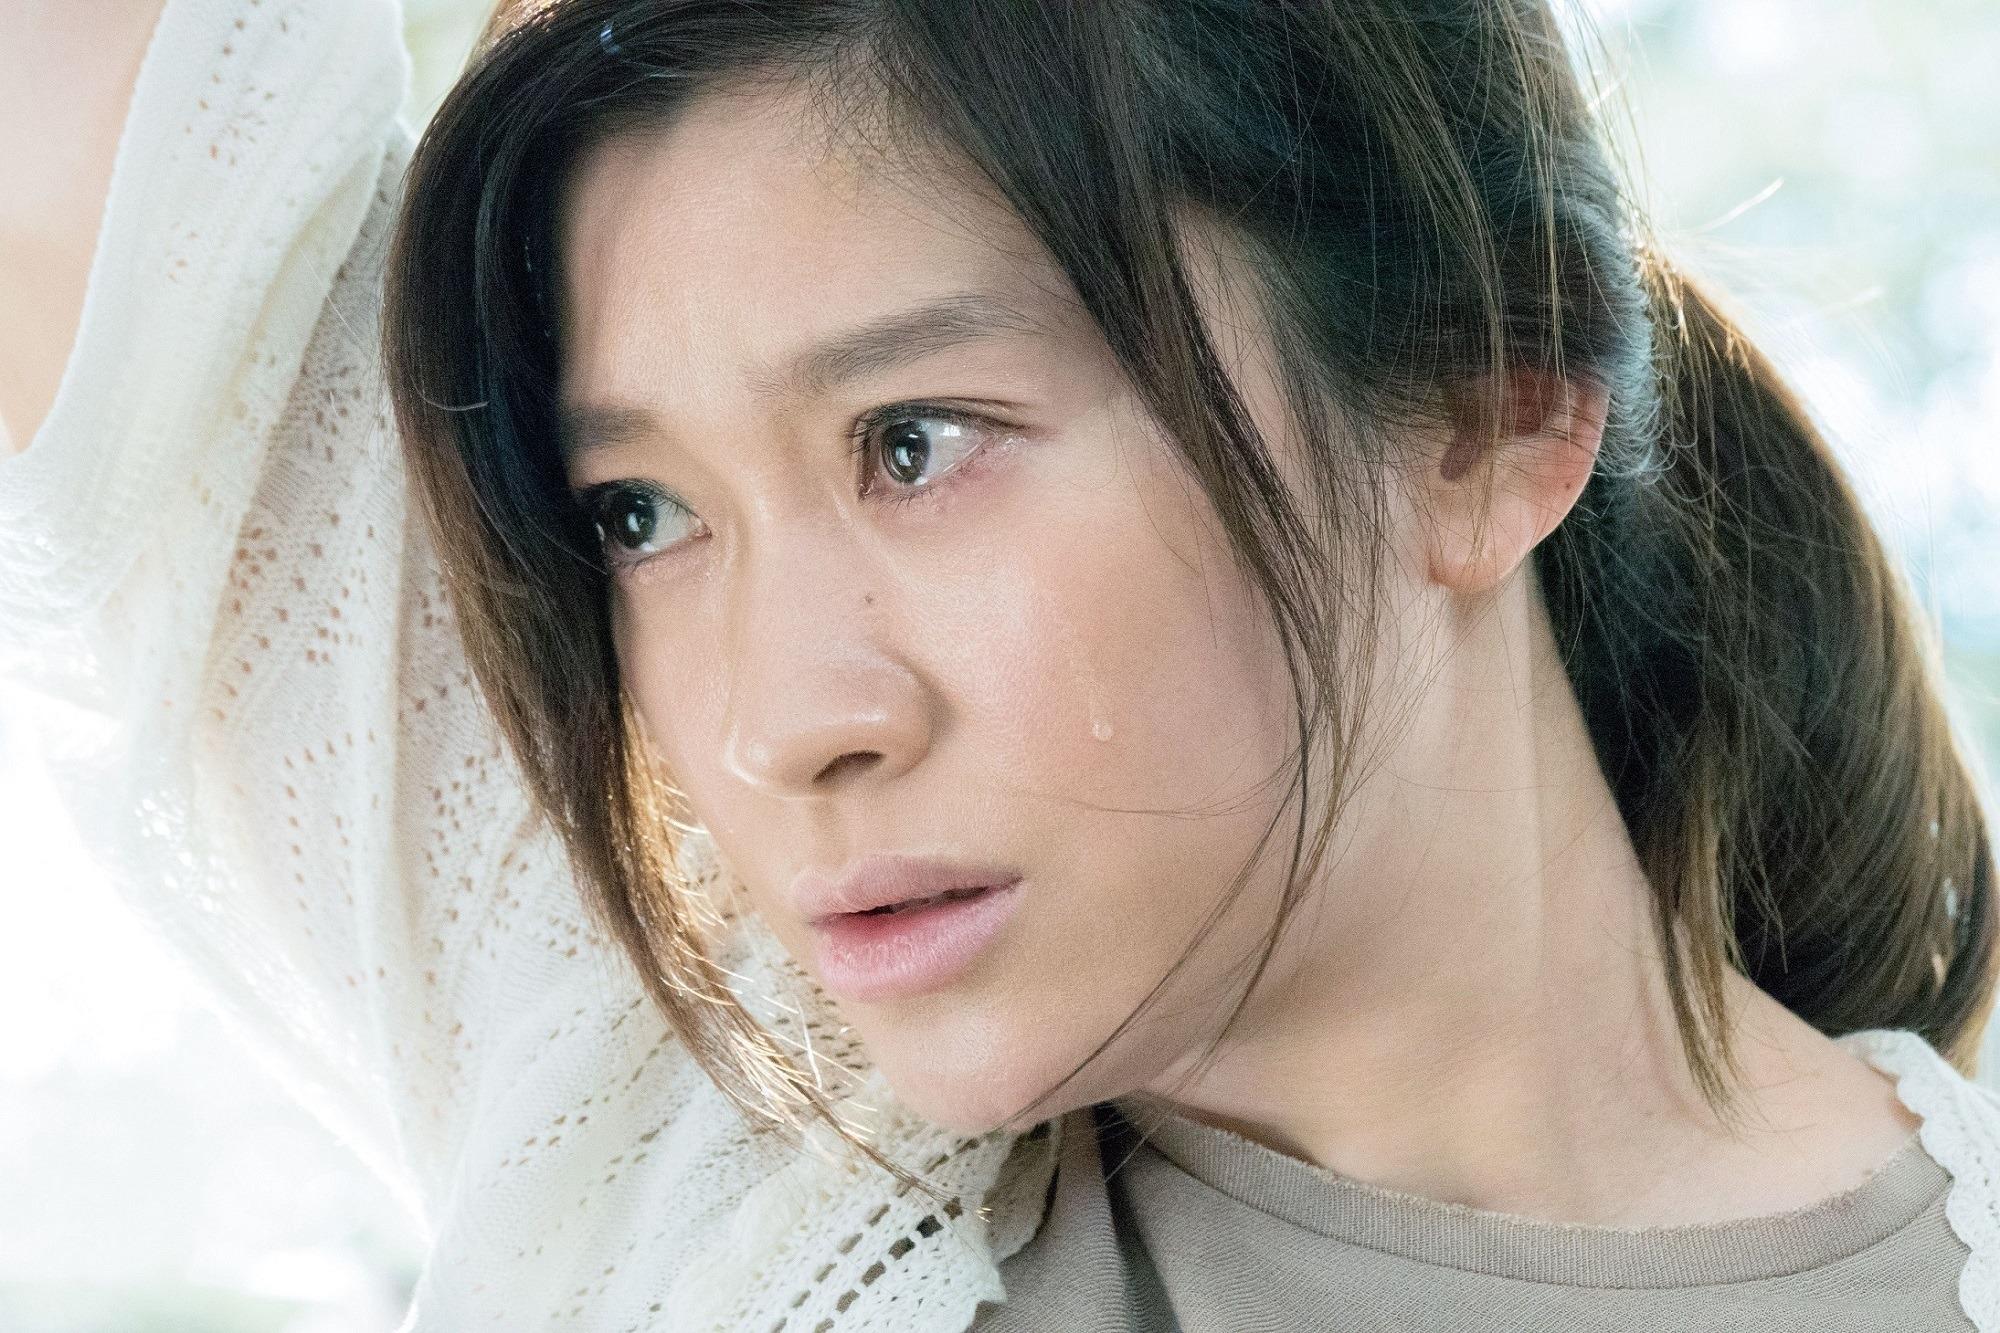 篠原涼子 主演女優賞に 映画を代表して私が賞をいただいた気持ち